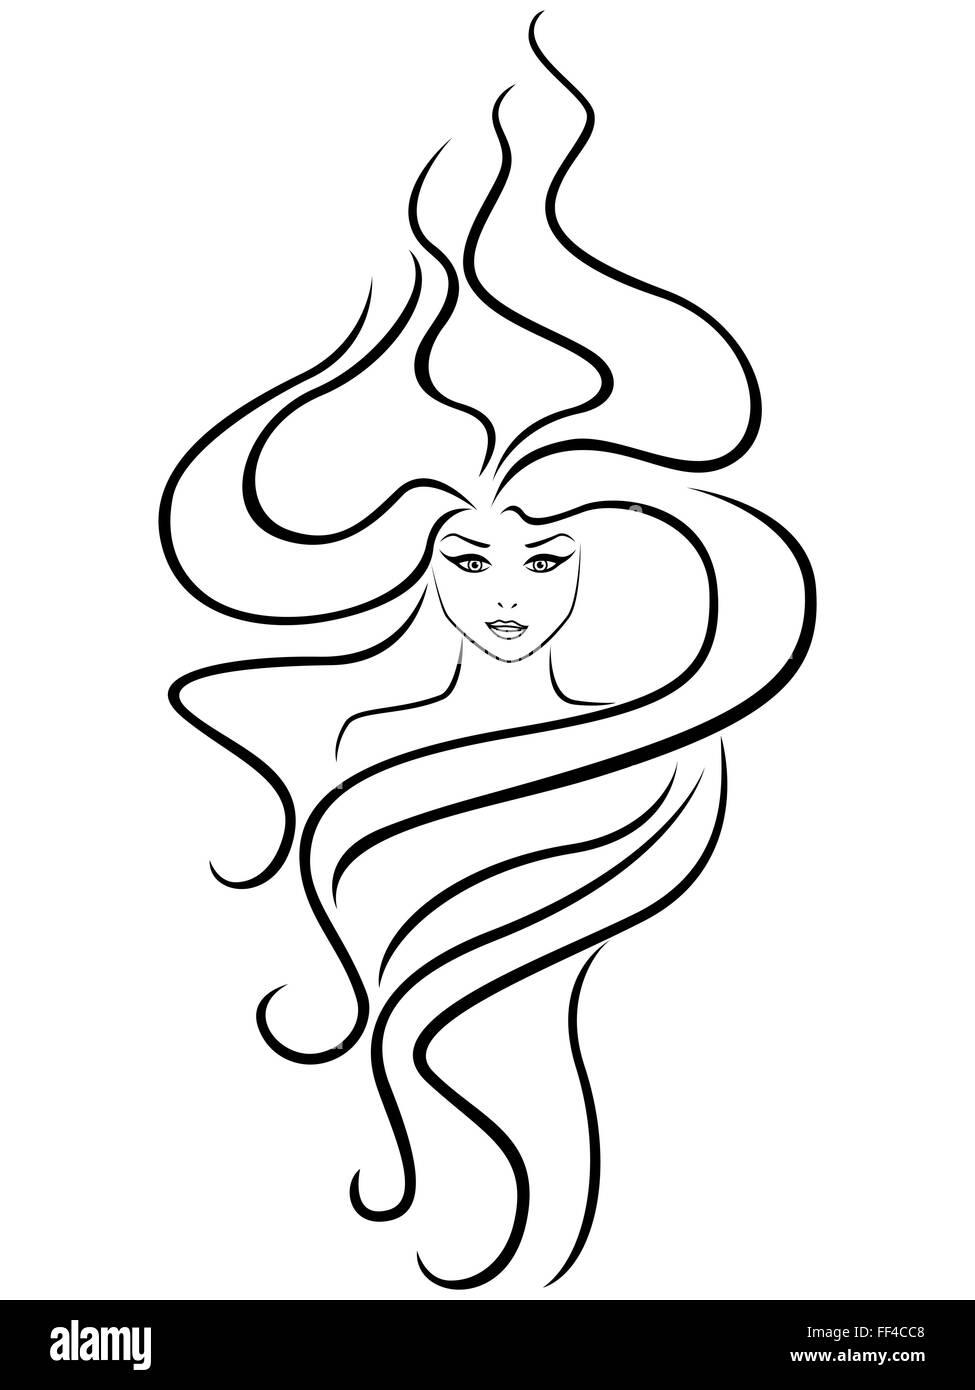 Frauenkopf Mit Aussergewohnlichen Frisur Zu Abstrahieren Von Hand